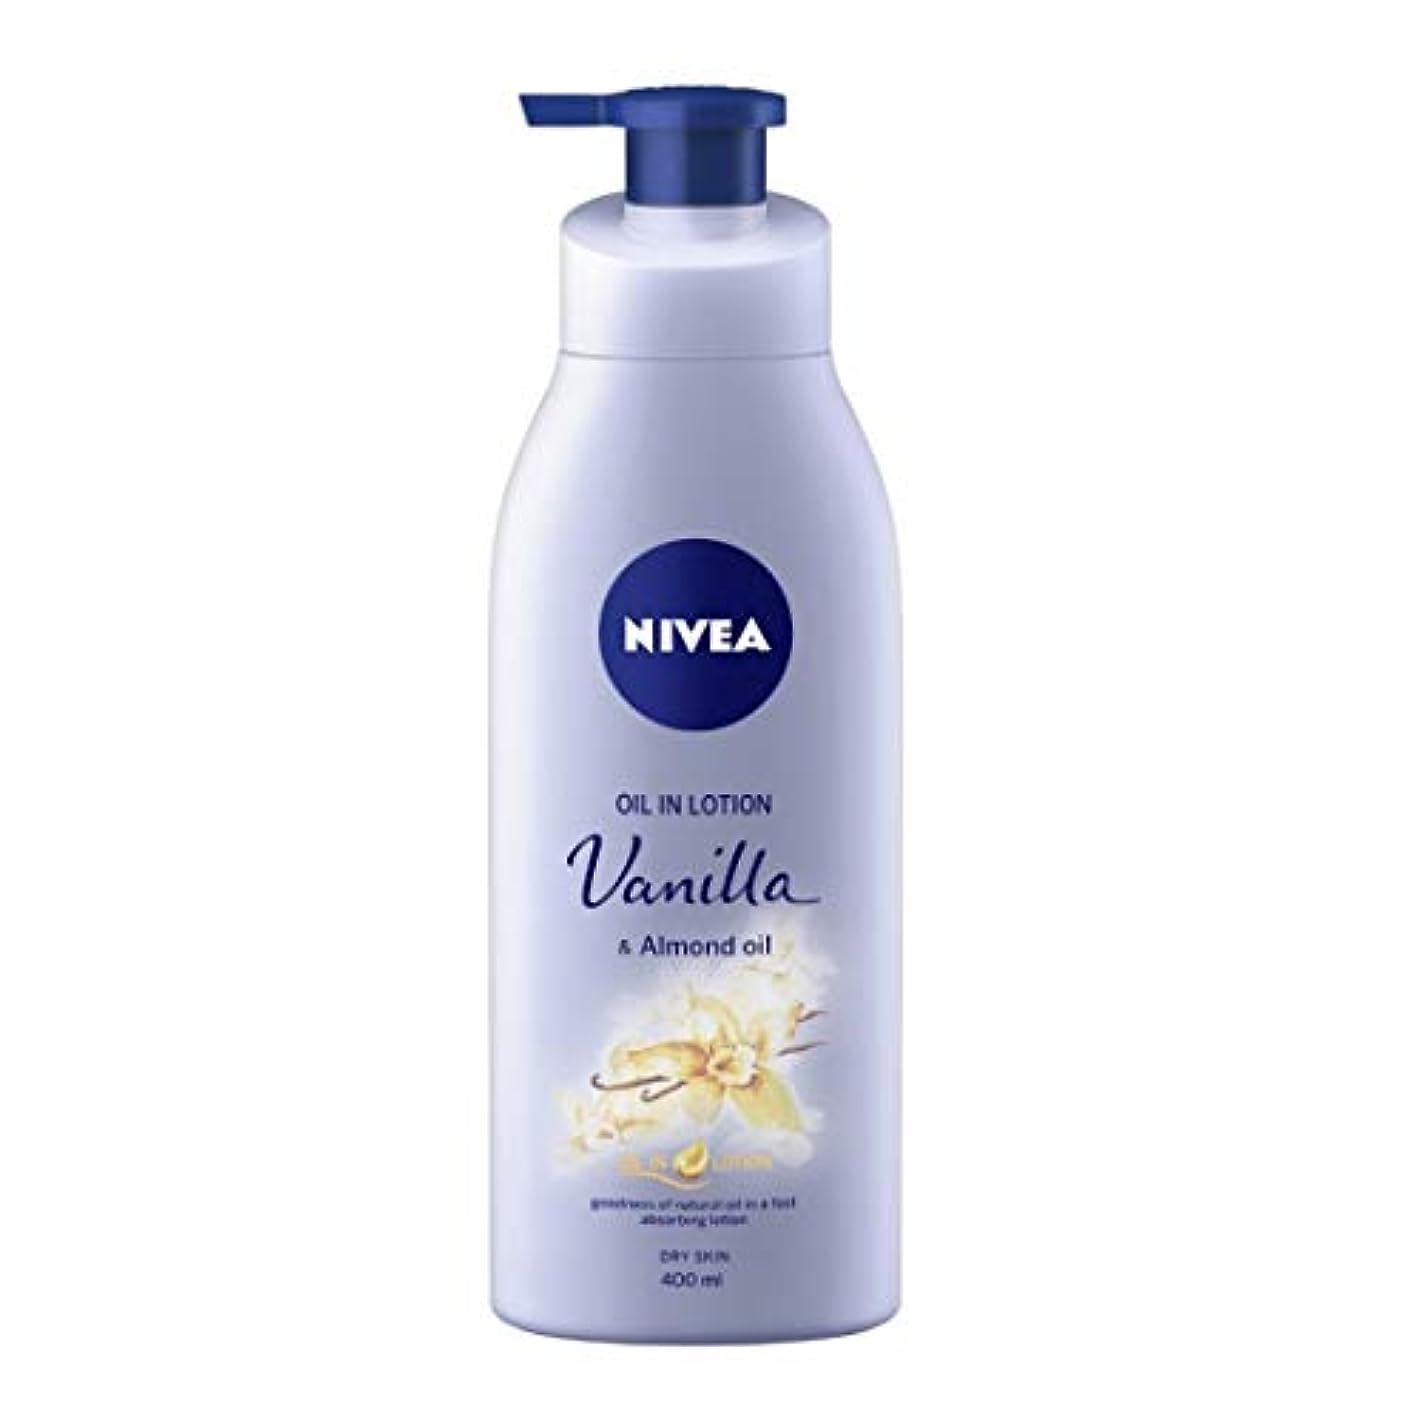 脚本知り合い登場NIVEA Oil in Lotion, Vanilla and Almond Oil, 400ml